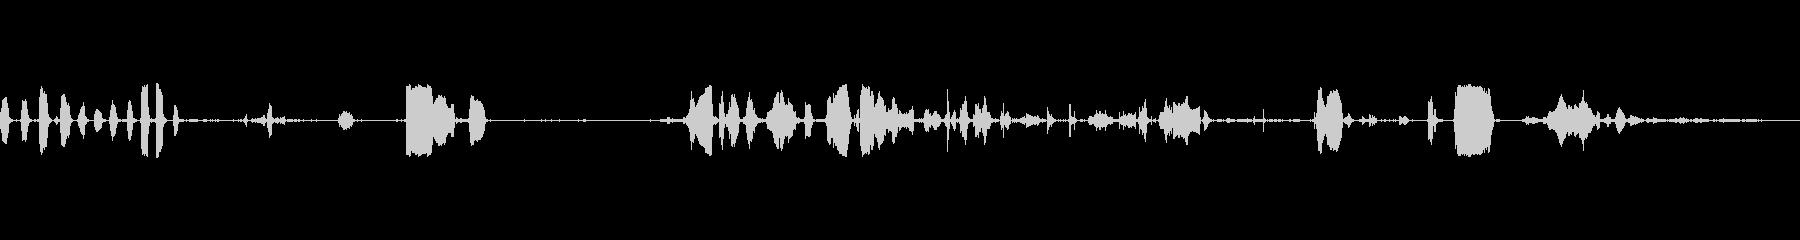 ハイピッチバーク&スクラム、動物、子犬の未再生の波形